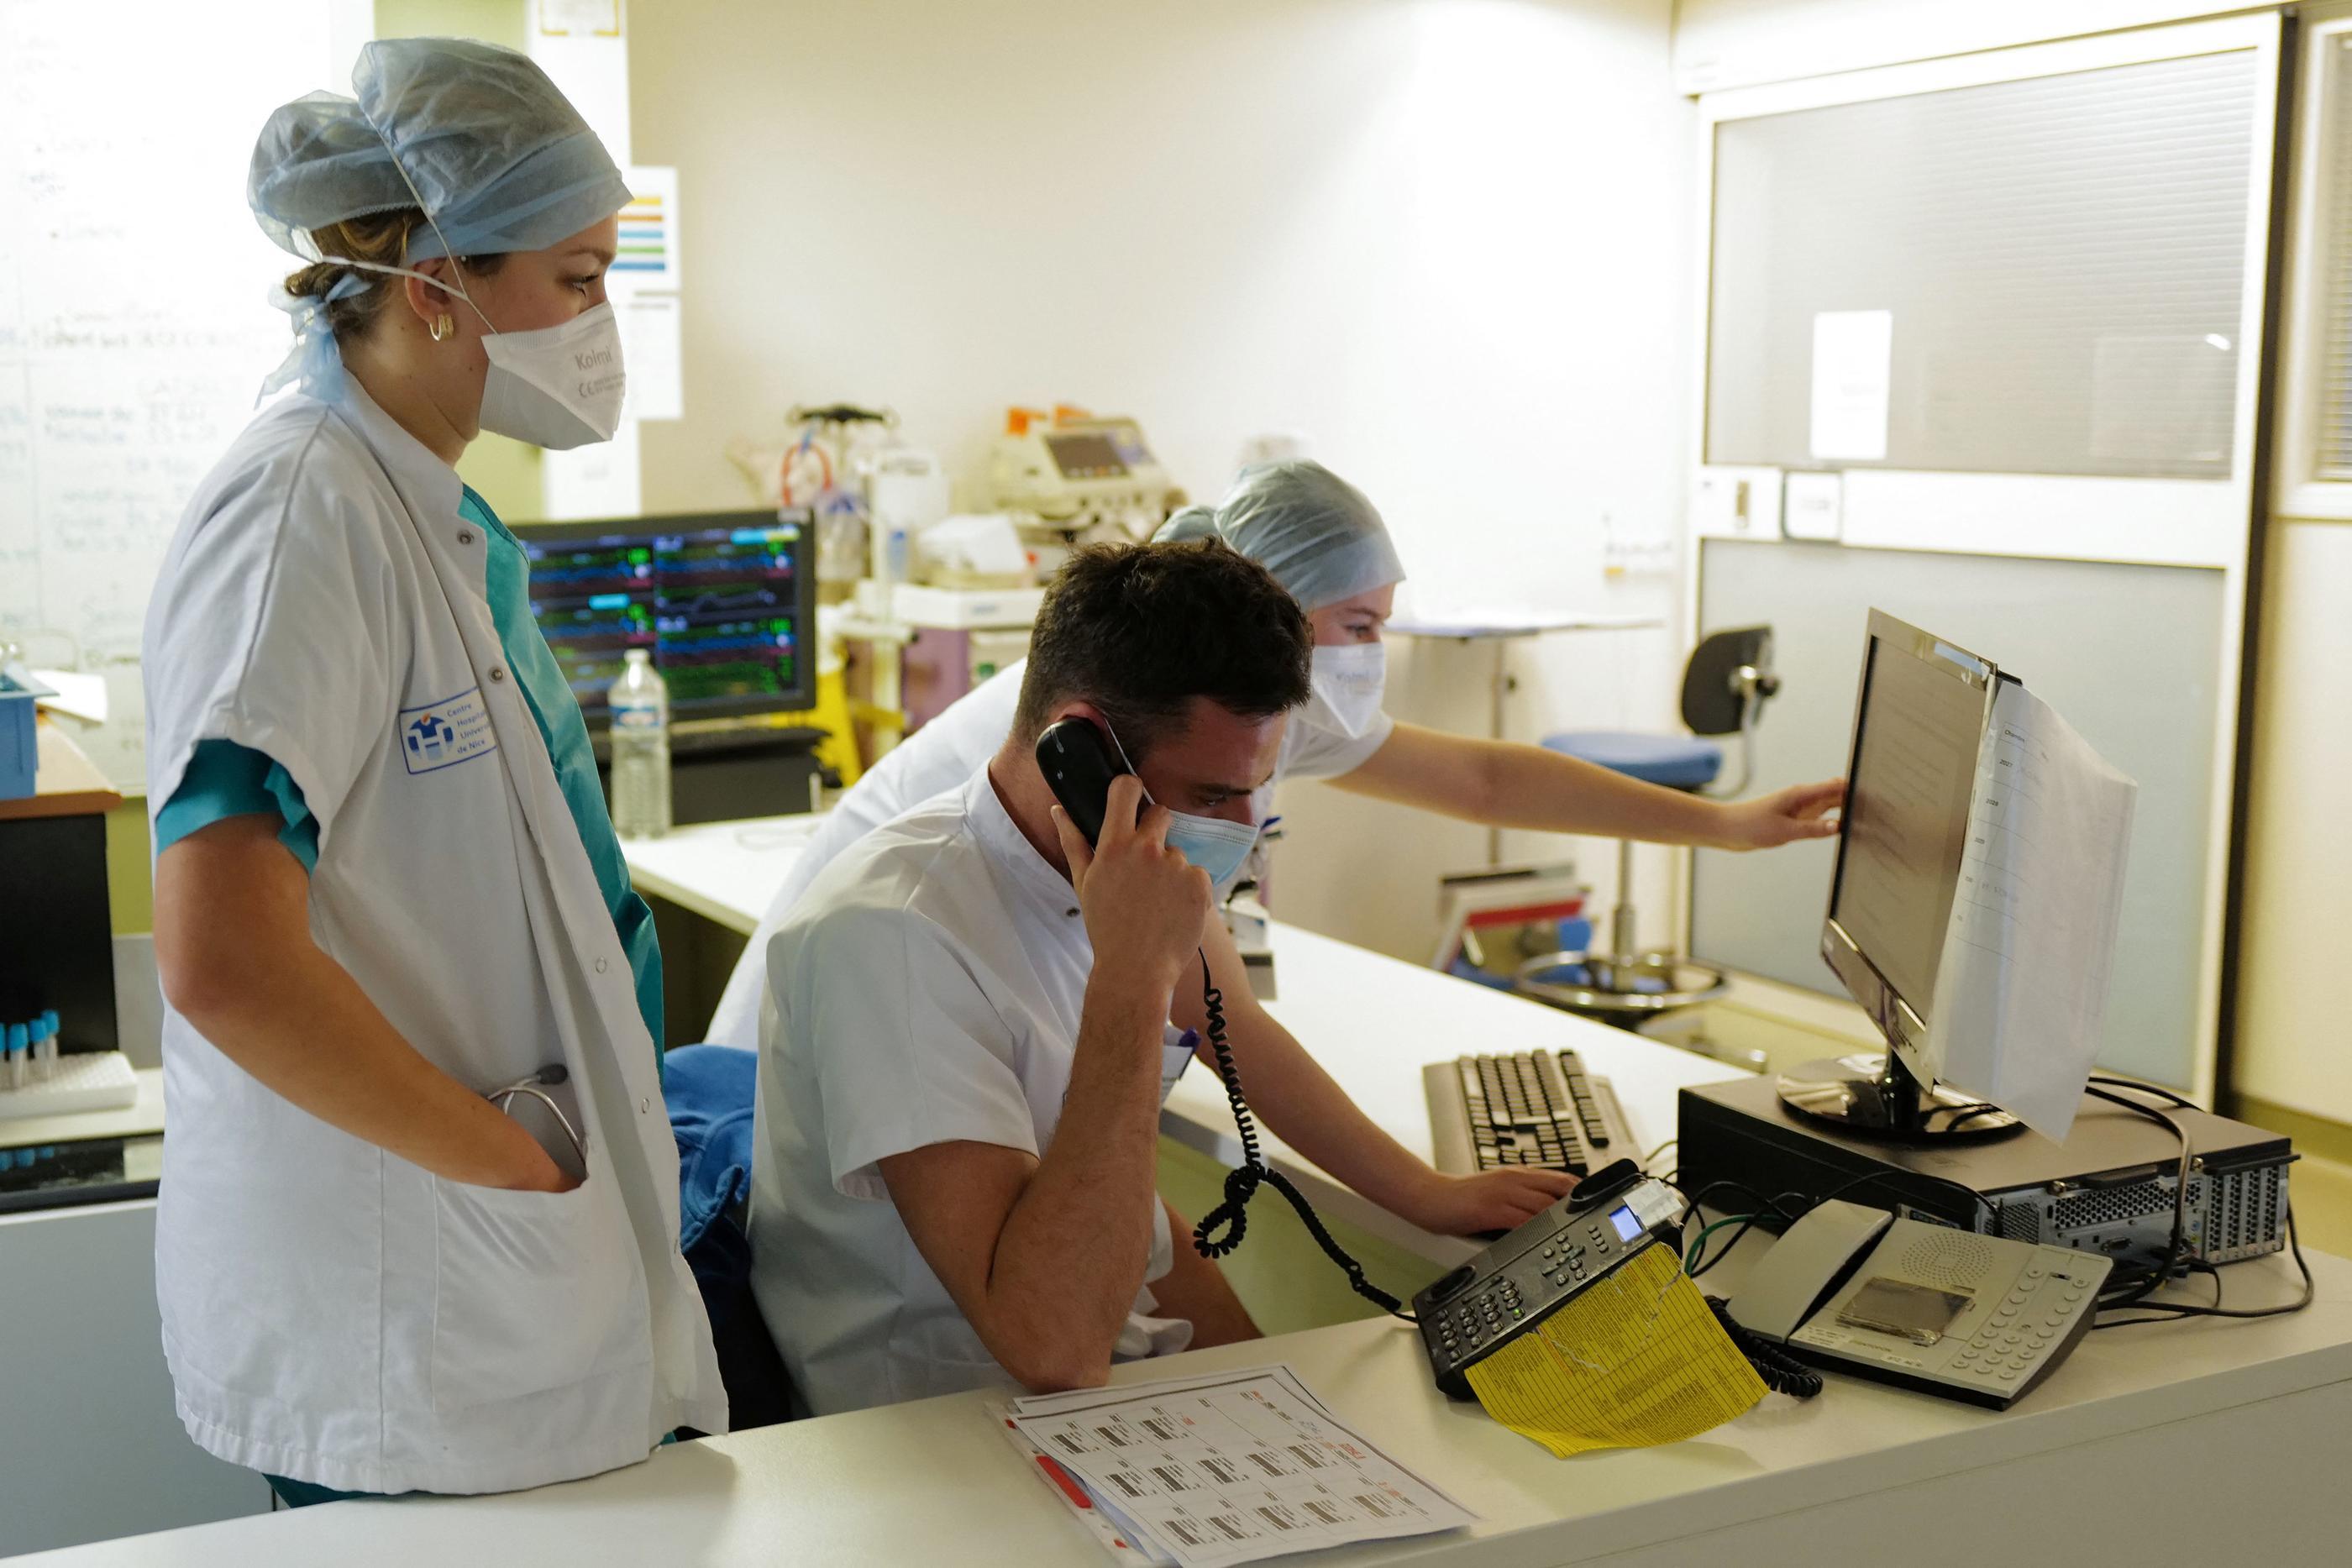 Covid-19 : 301 nouveaux décès à l'hôpital et 22857 contaminations en 24 heures - Le Parisien